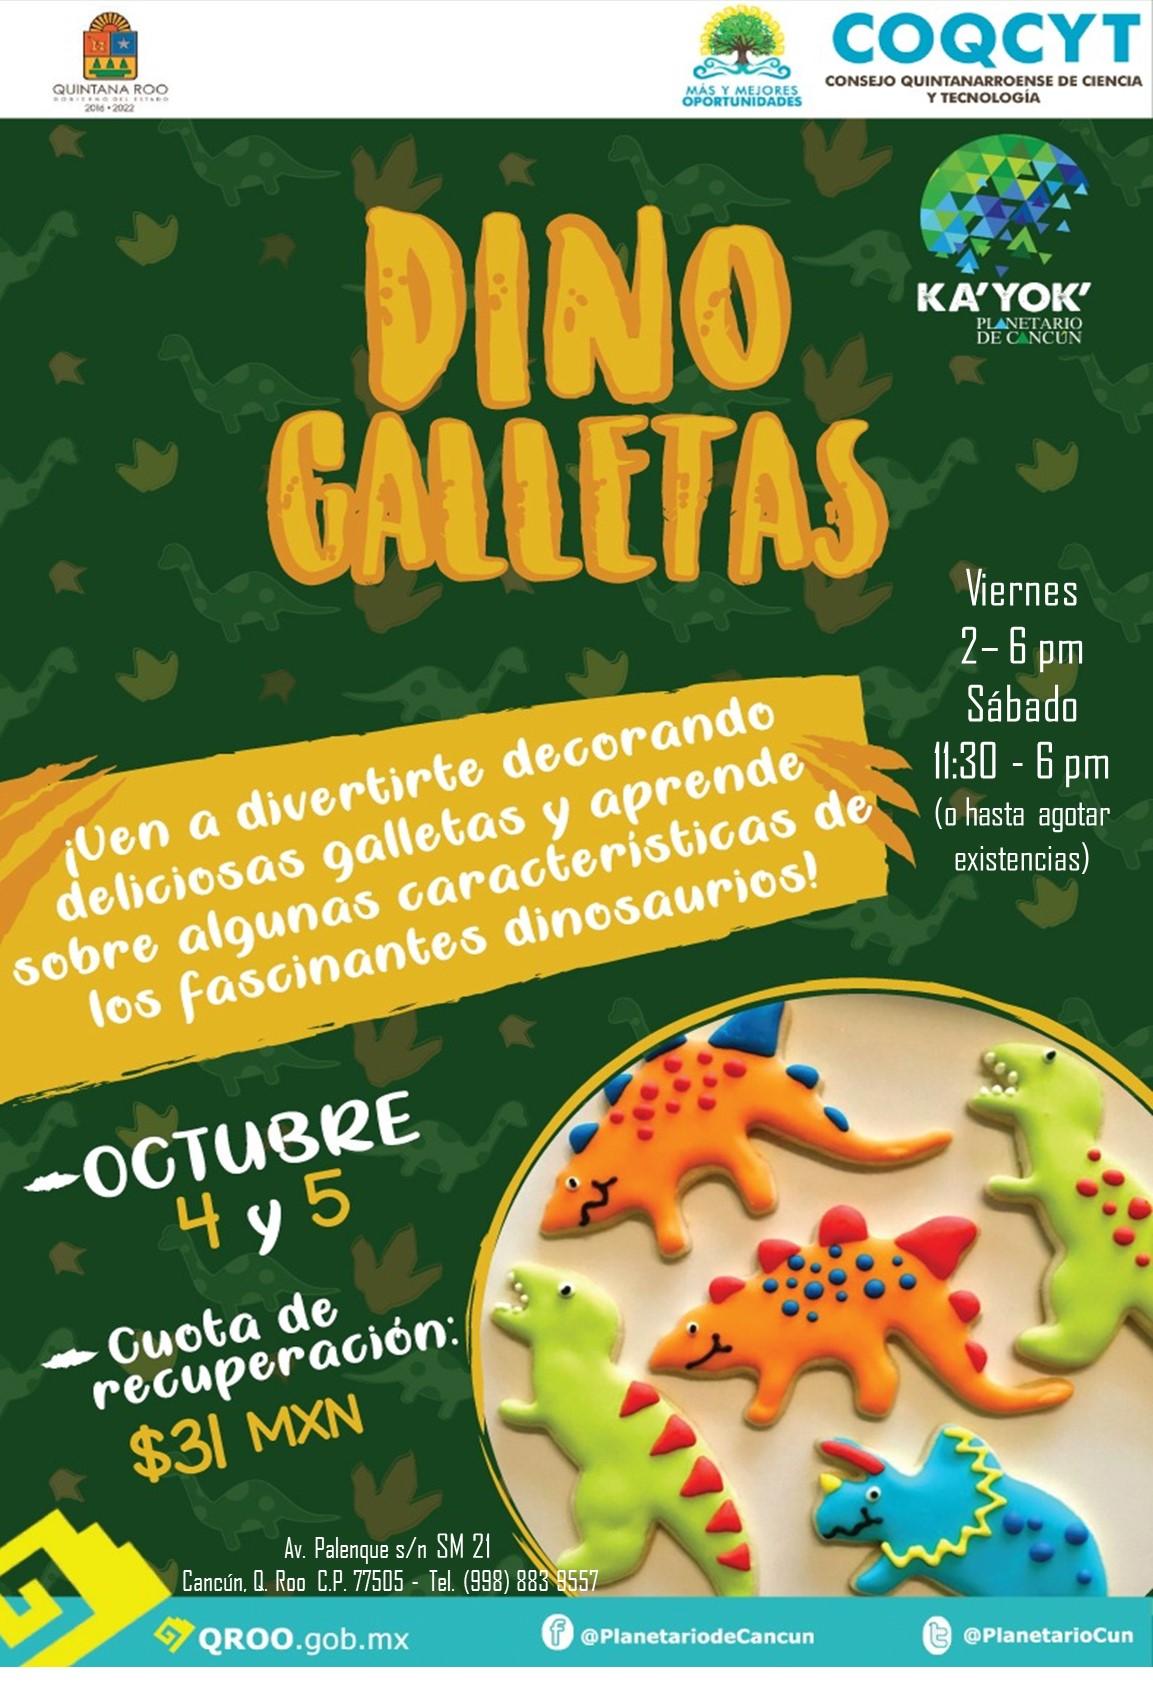 Dino Galletas KaYok 4 y 5 Oct